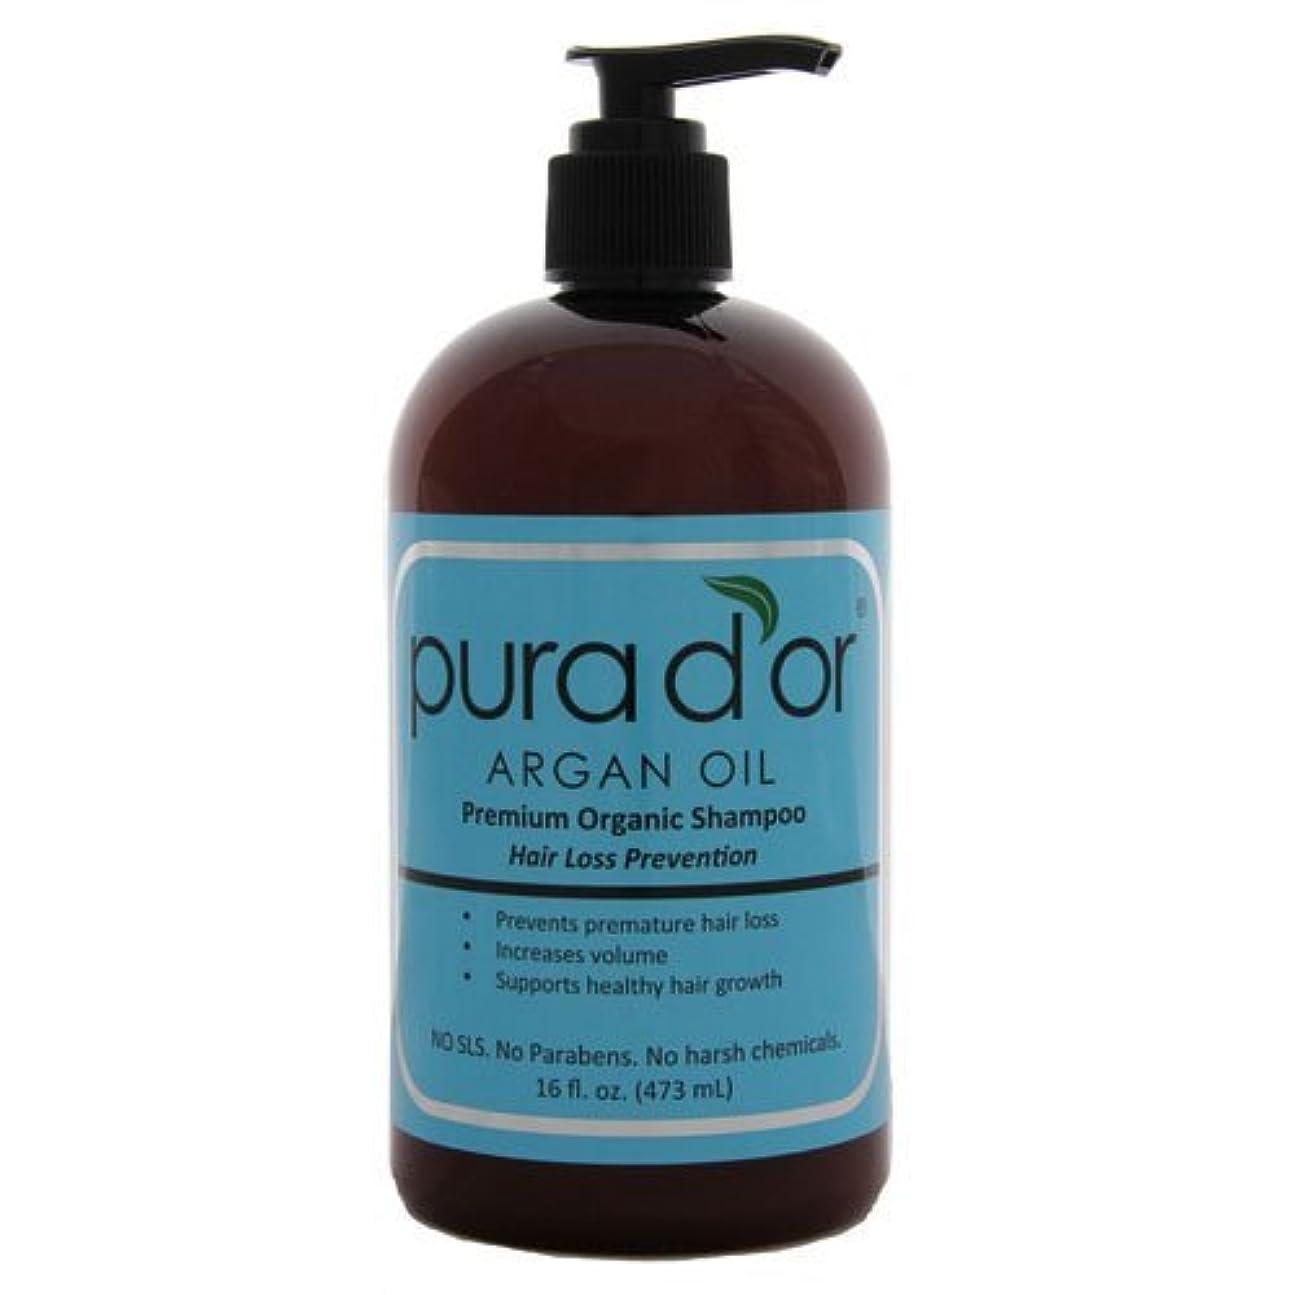 データベース説教サークル【オーガニック】 DHTブロッカー シャンプー男女兼用 470ml【並行輸入品】 Pura d'or Hair Loss Prevention Premium Organic Shampoo 16oz